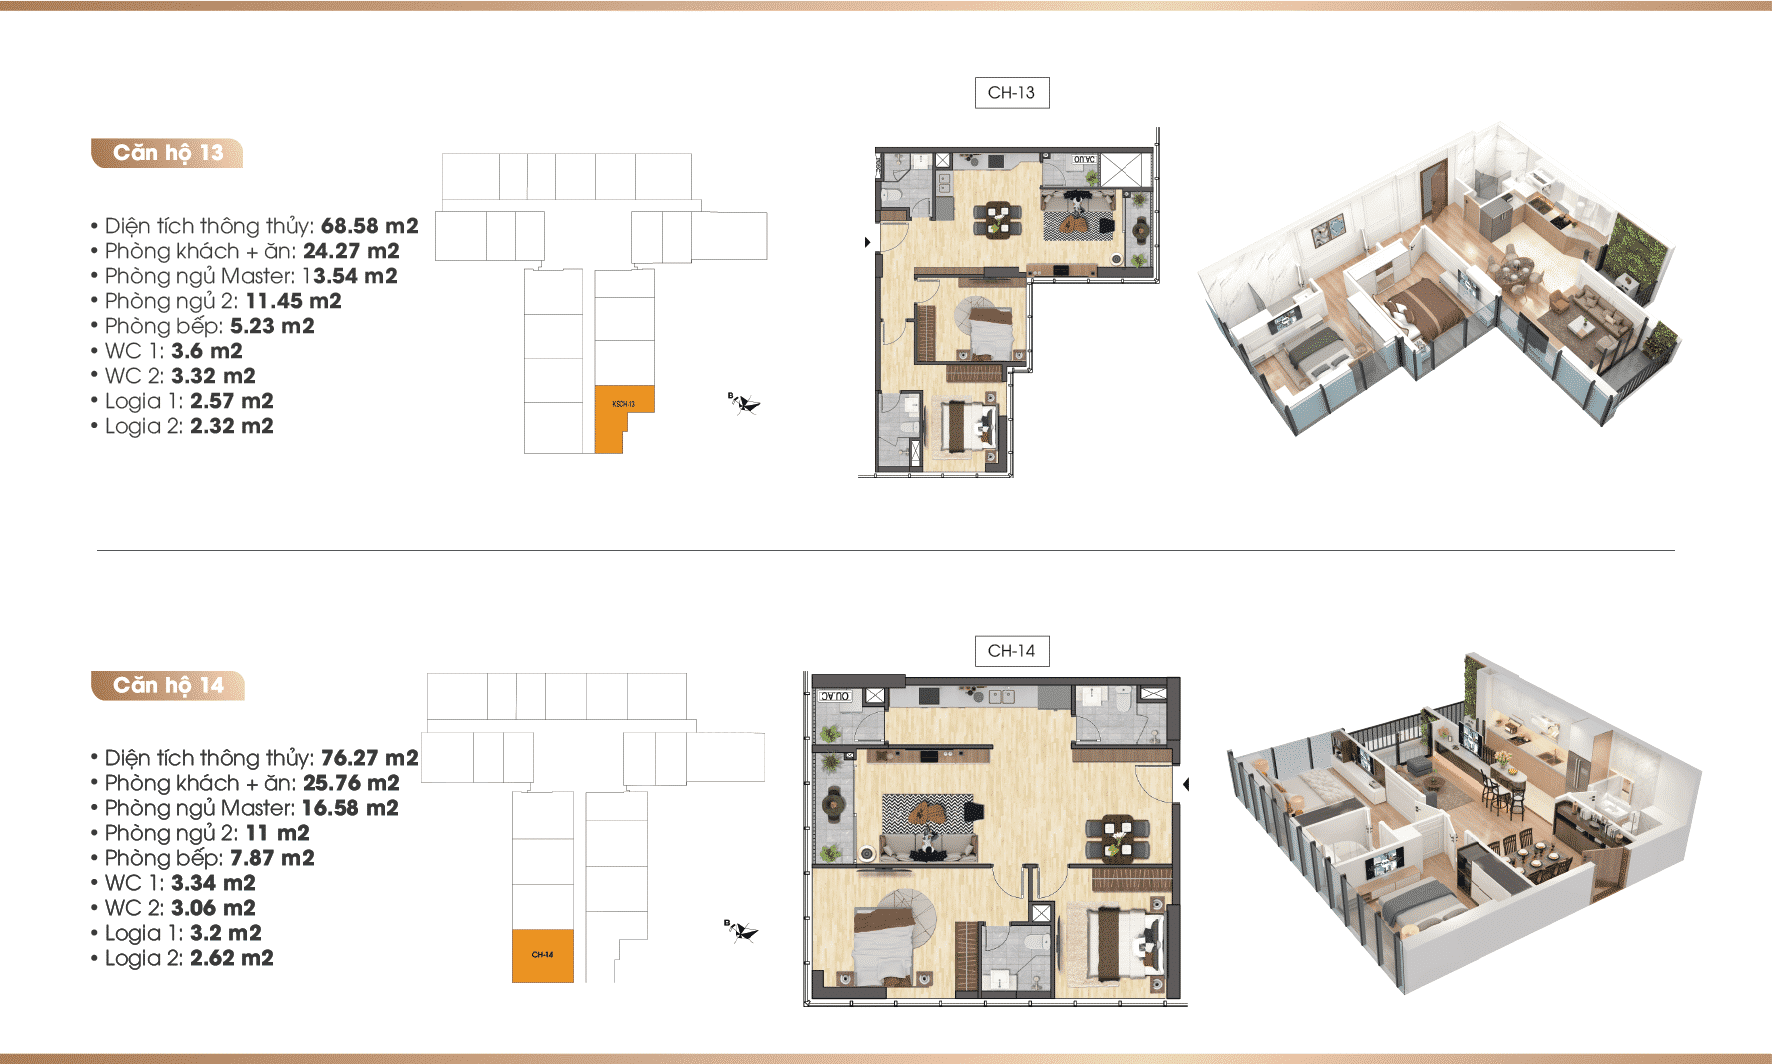 Chi tiết căn hộ Dự án TNR 90 Đường Láng 13-14